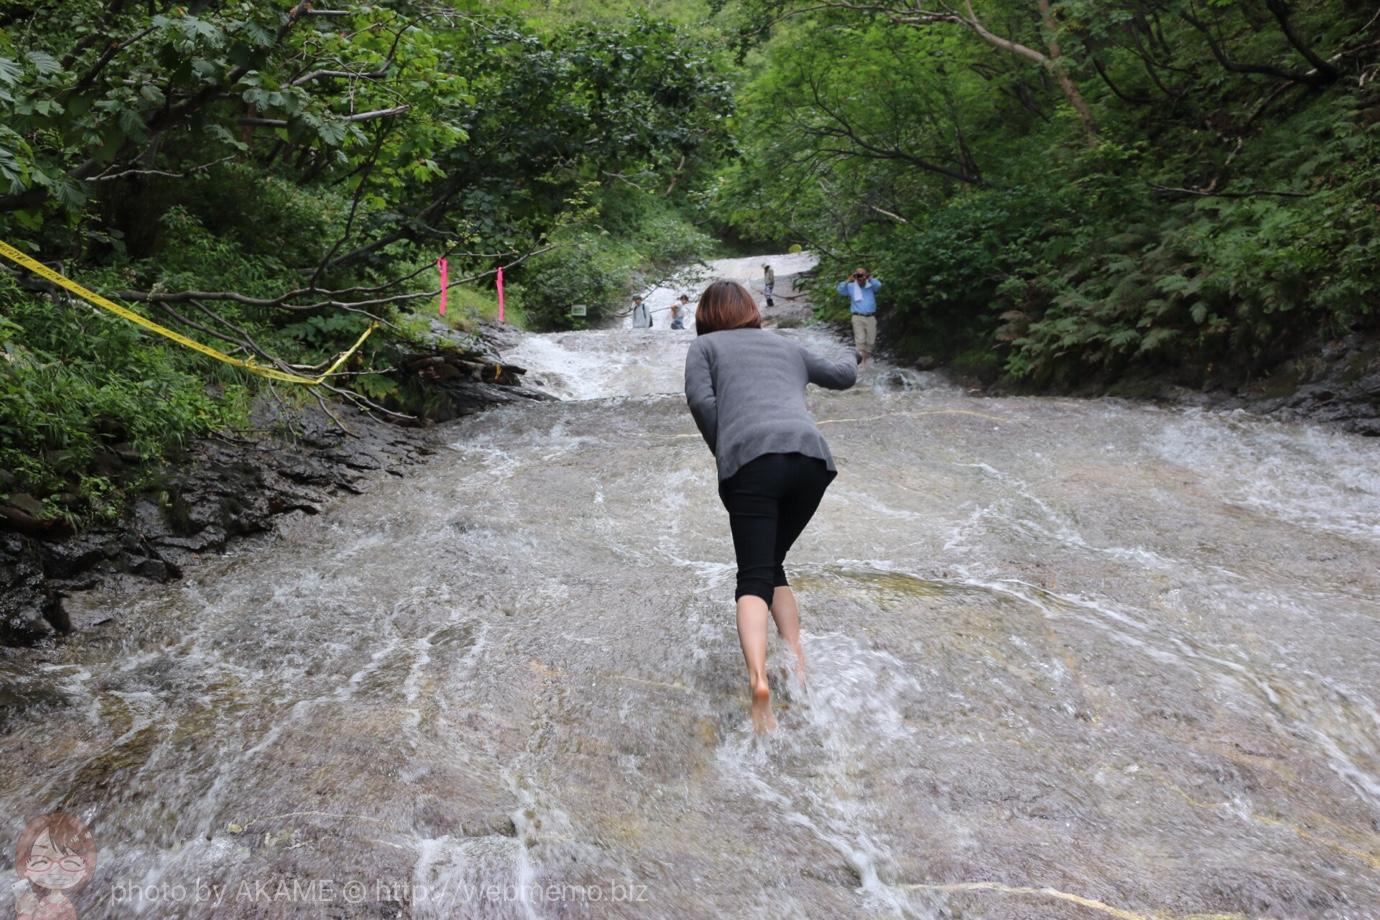 知床ウトロ観光 温泉でできた「カムイワッカ湯の滝」を素足で登った!超楽しいけど規制に注意